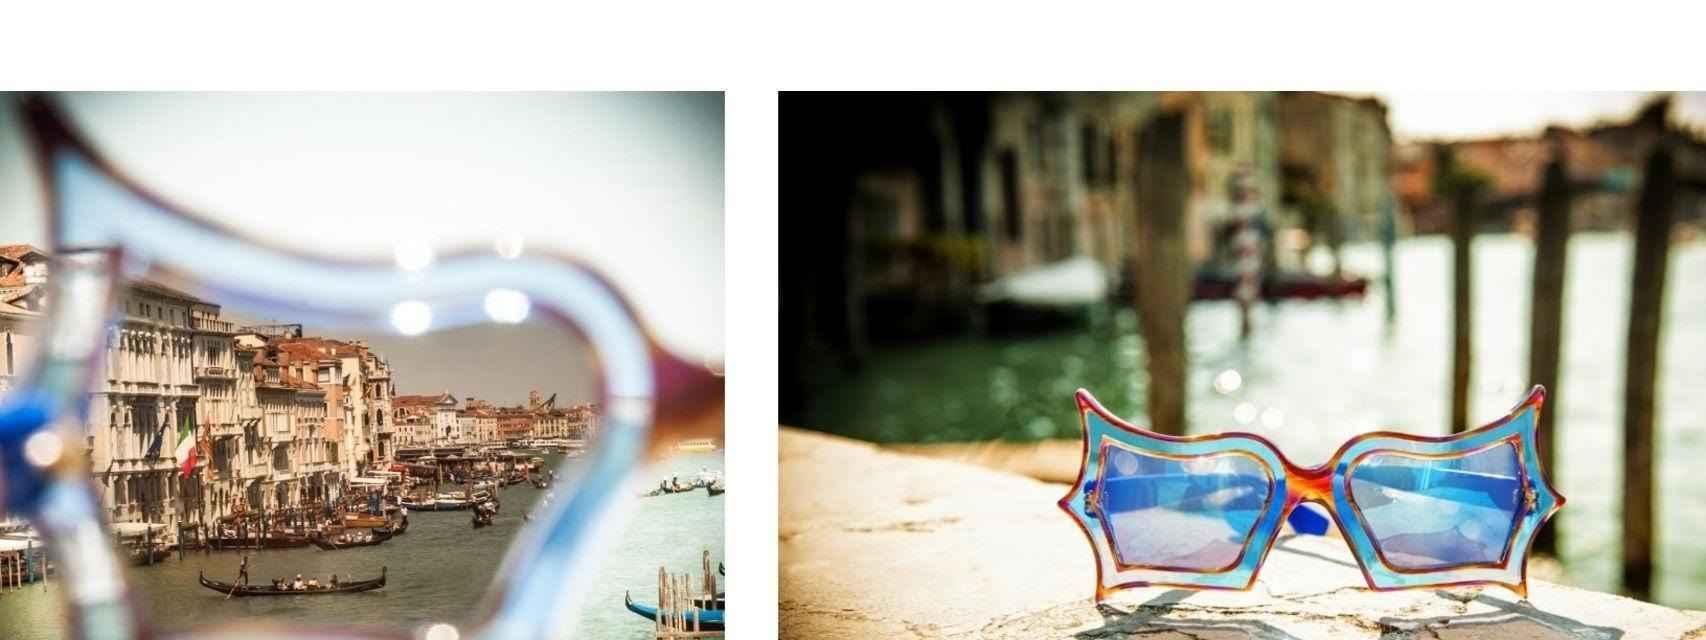 Edición especial de las gafas de Peggy Guggenheim que hizo la firma Safilo.